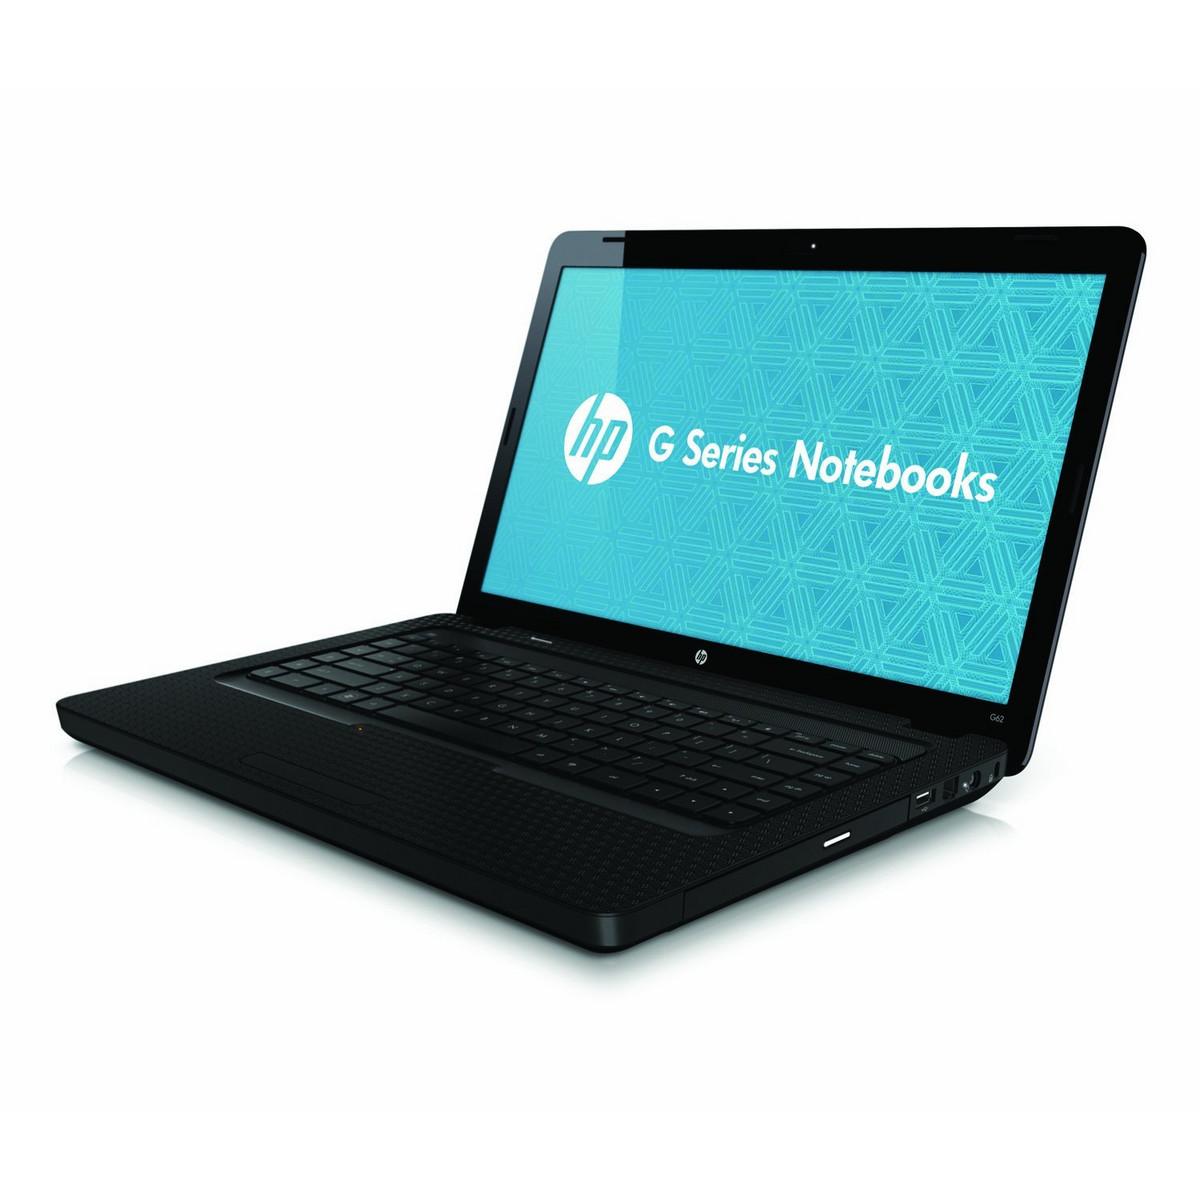 HP G62-225NR Notebook Descargar Controlador